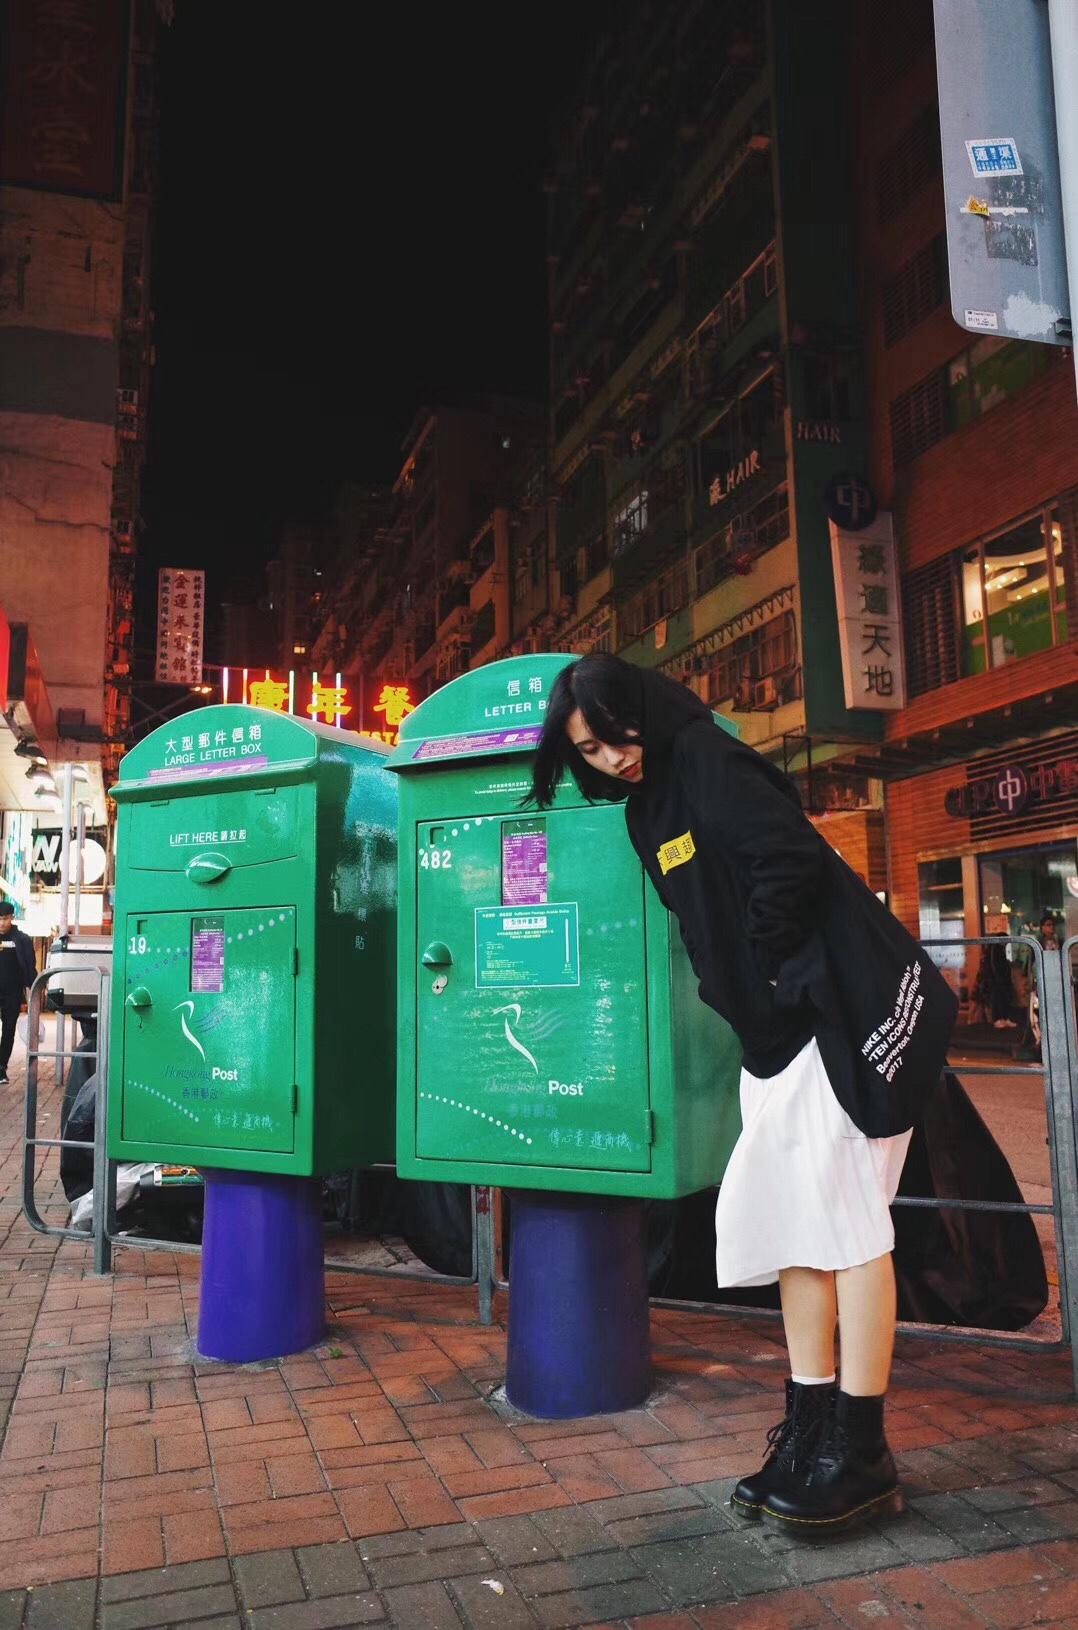 #人人都想get网红小姐姐同款#香港走到哪都是个街拍的好地方😜男朋友的拍照技术还不错吧🤣🤣🤣 卫衣是S-SEDUCE的不感兴趣系列,觉得好玩就买了件给男票,没想到自己也拿来穿了^_^搭配百搭的百褶裙!又是这条街最亮的崽!一对耐看的靴子真的能陪你度过一年四季!马丁靴是最好的选择!体温感染皮靴,久了以后皮感会变软!穿得越久越好看舒适!街拍神器哦!春天来了赶紧get上一对8!🤗🤗🤗 接下来我会多多分享我的穿搭日常,谢谢关注😚💕